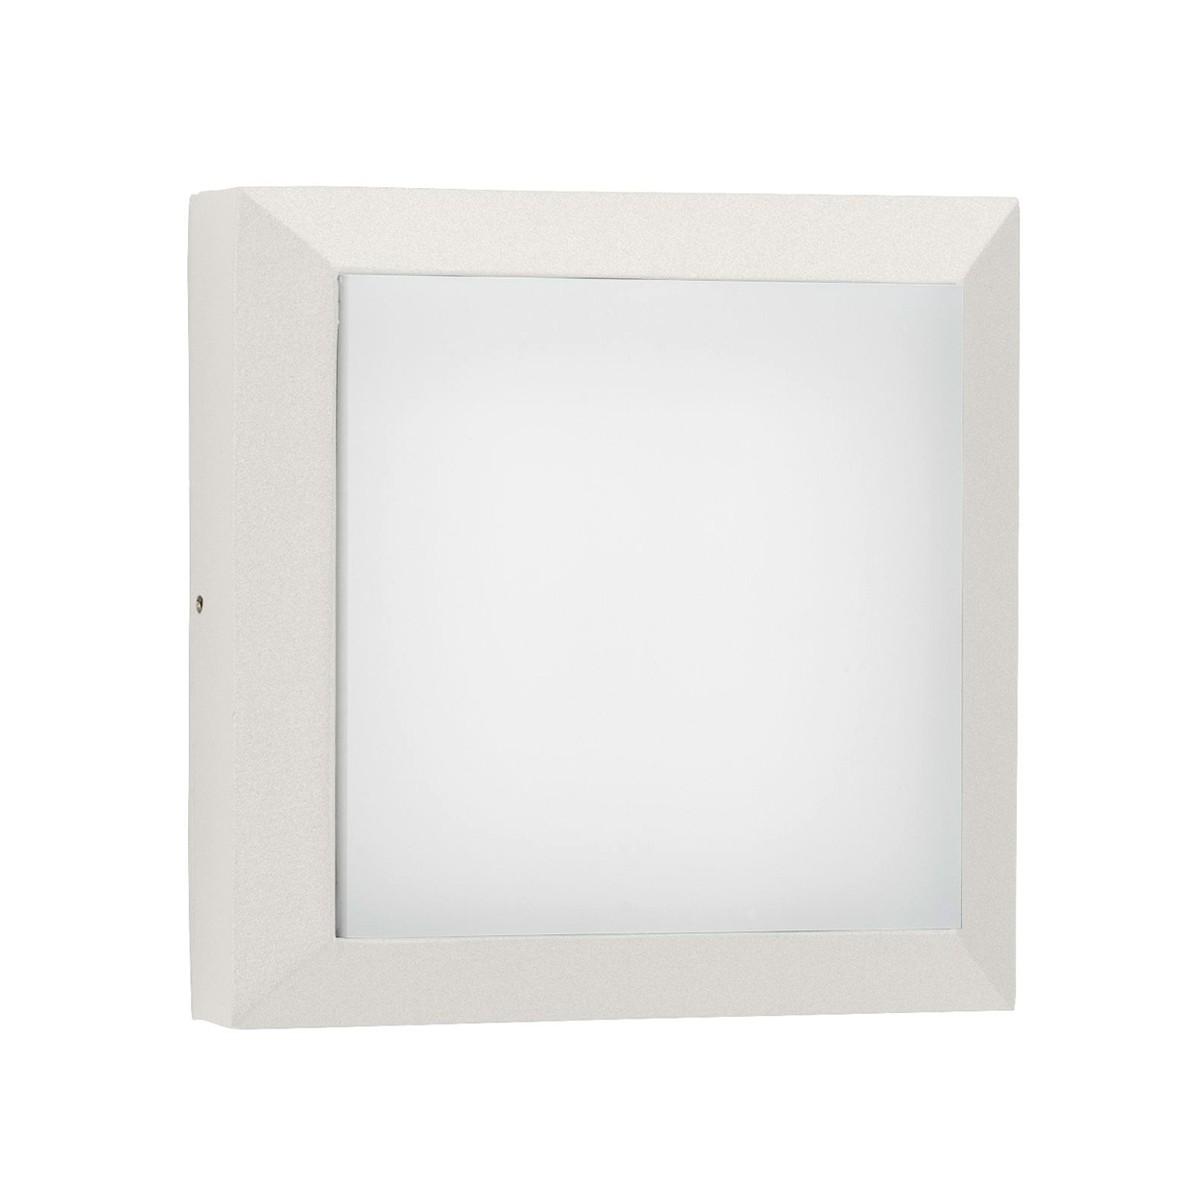 Albert 6561 LED Wand- / Deckenleuchte, weiß